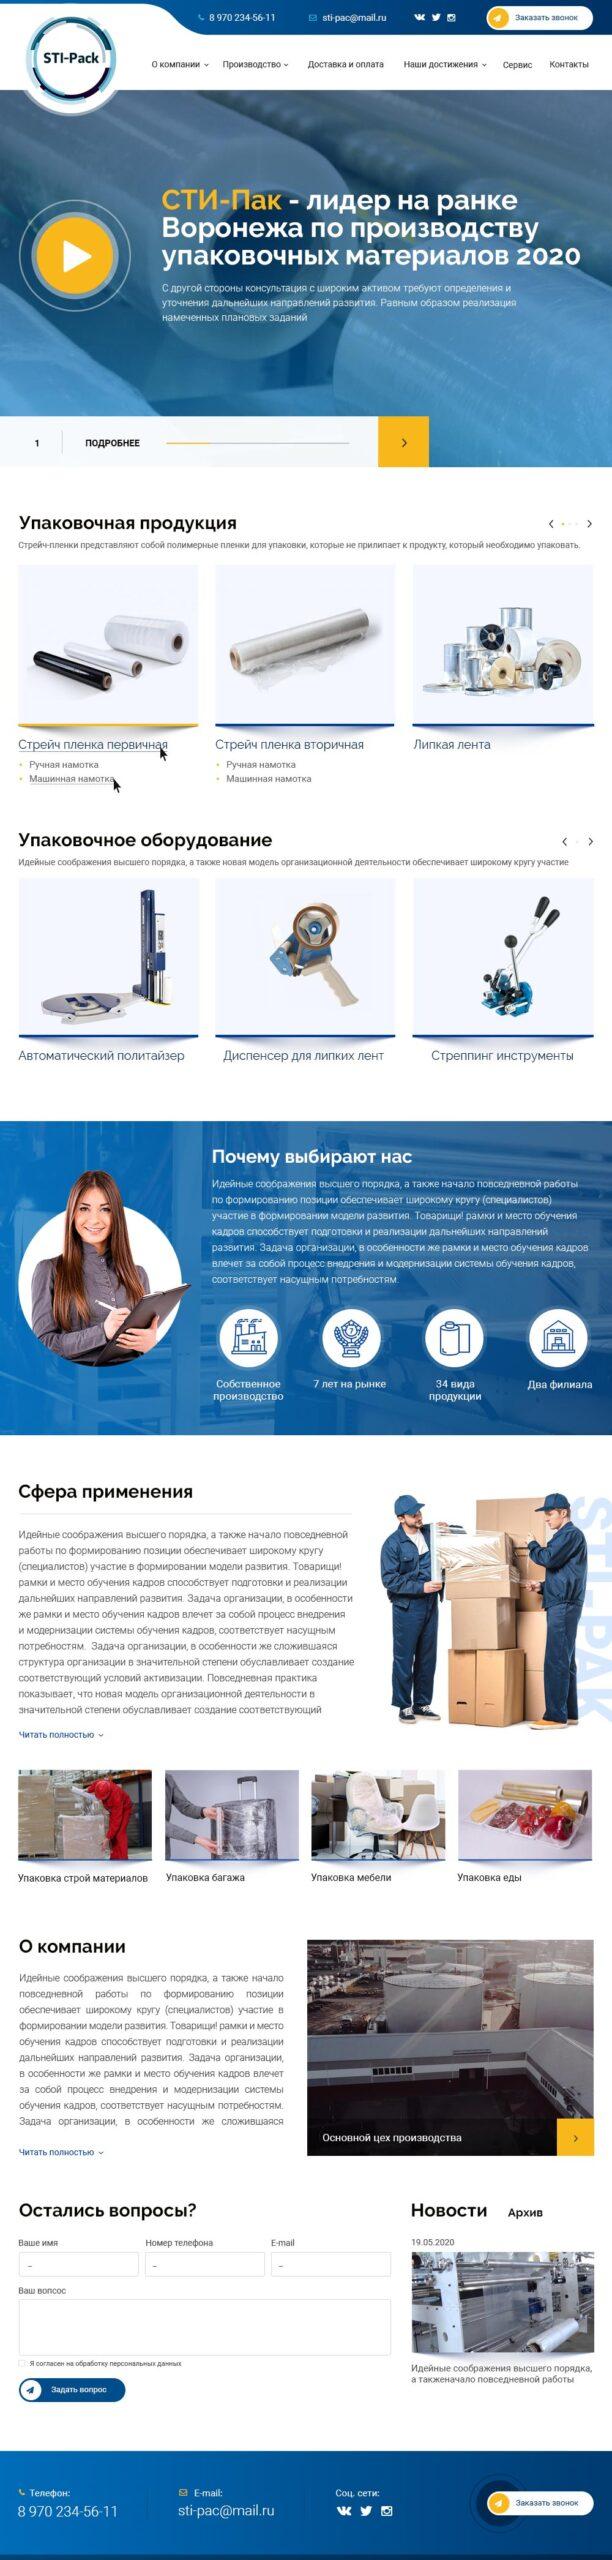 примеры сайтов производства СТИ-Пак 1000 px